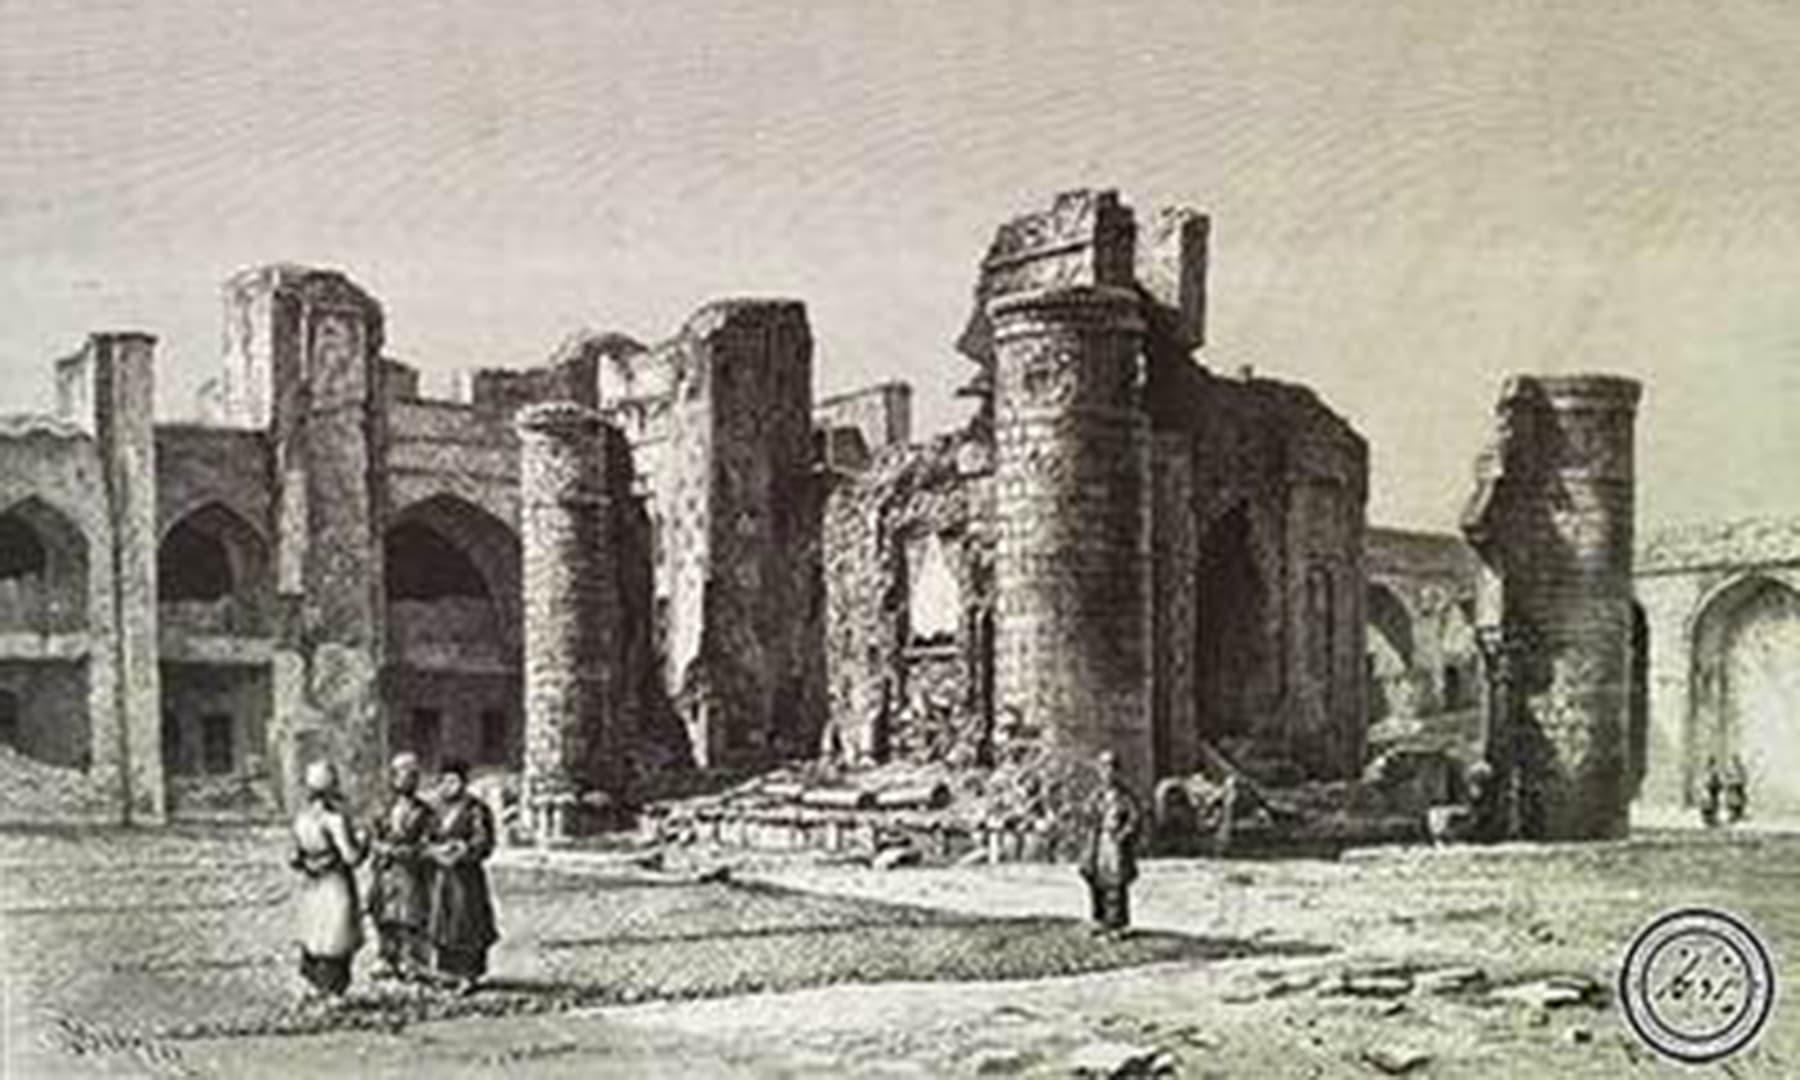 مسجد جامع عتیق، 1255 هجری شمسی، شیراز